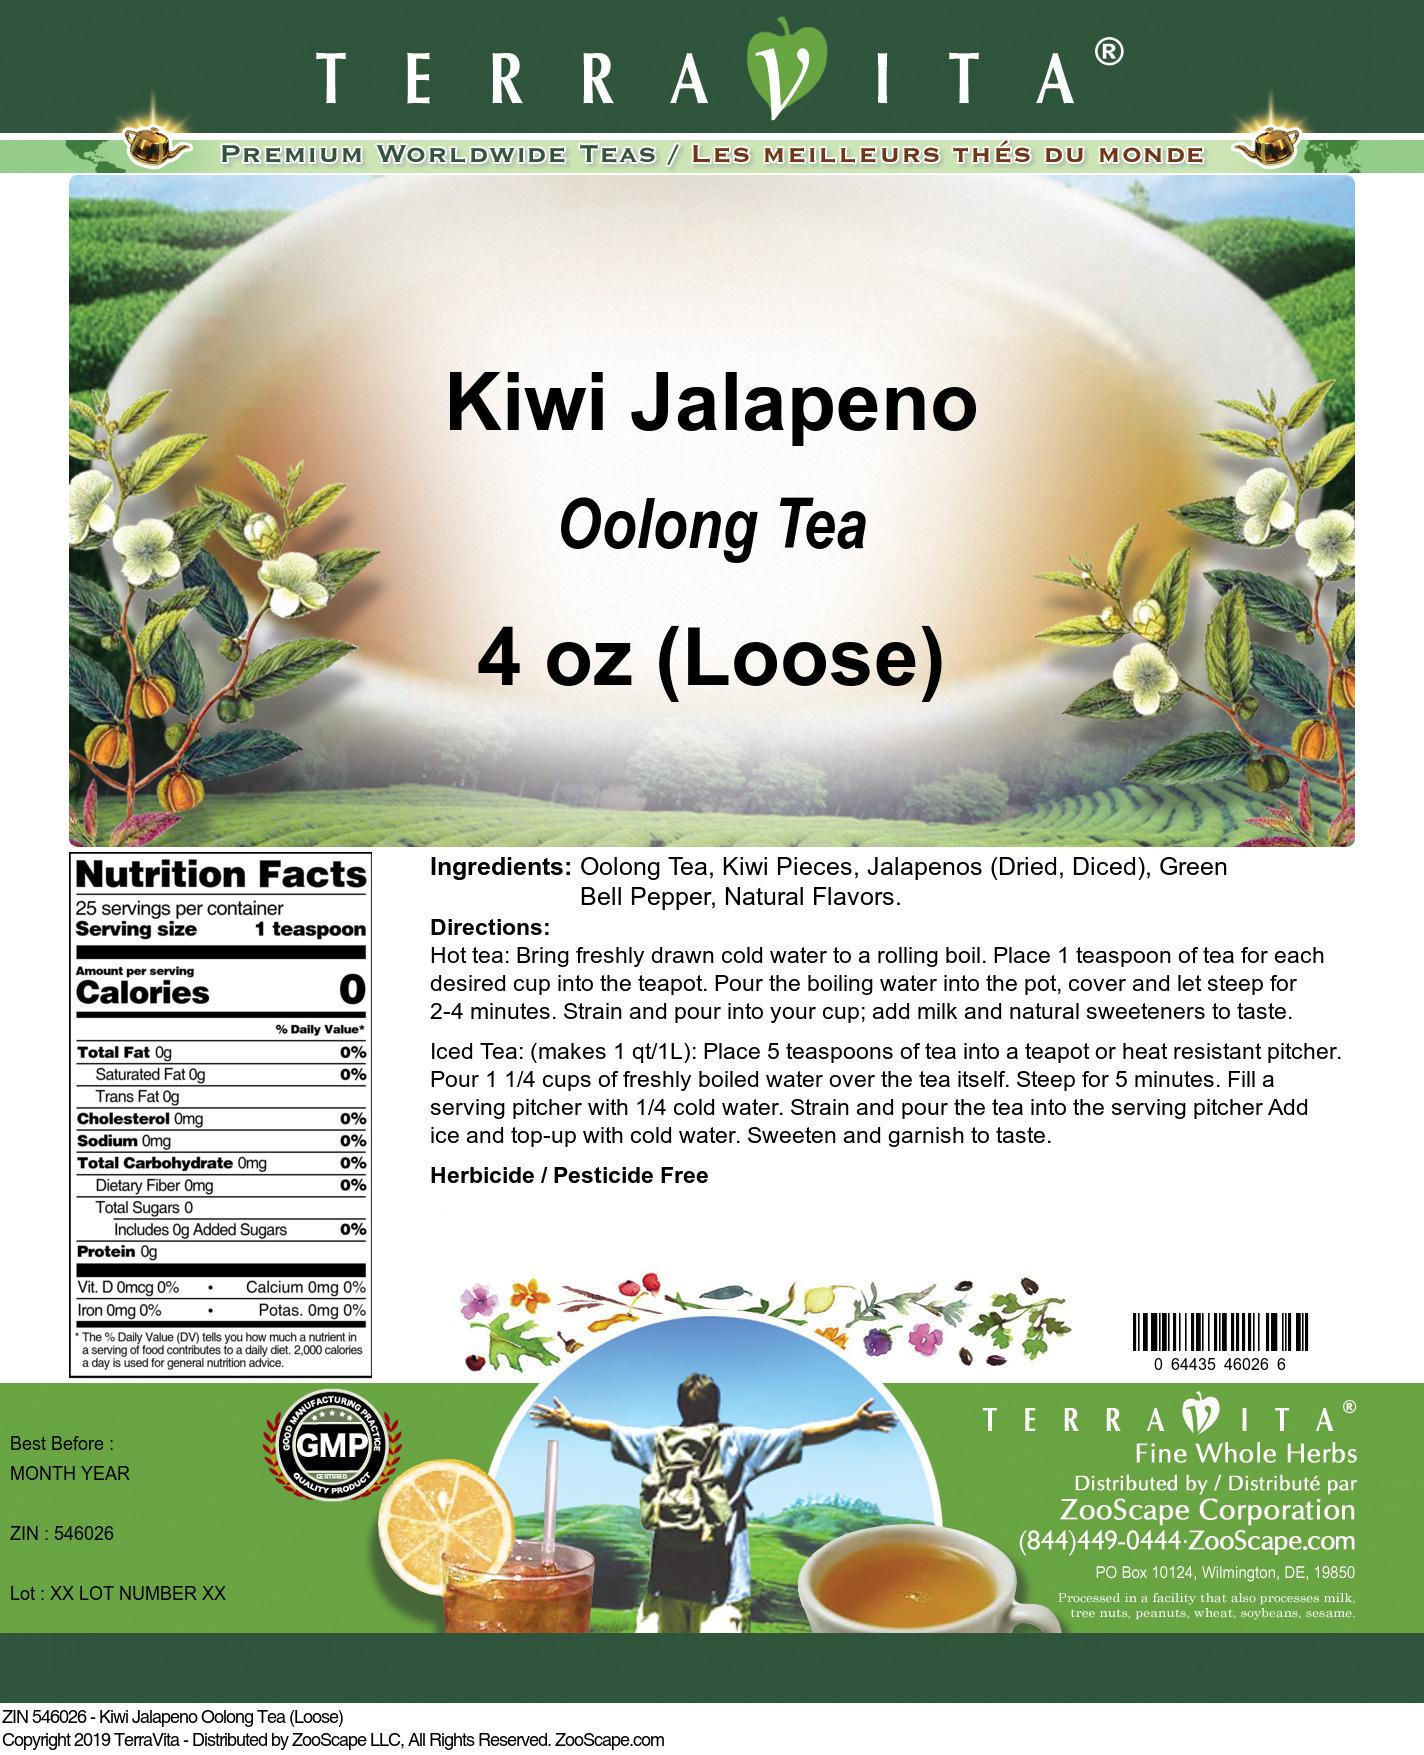 Kiwi Jalapeno Oolong Tea (Loose)